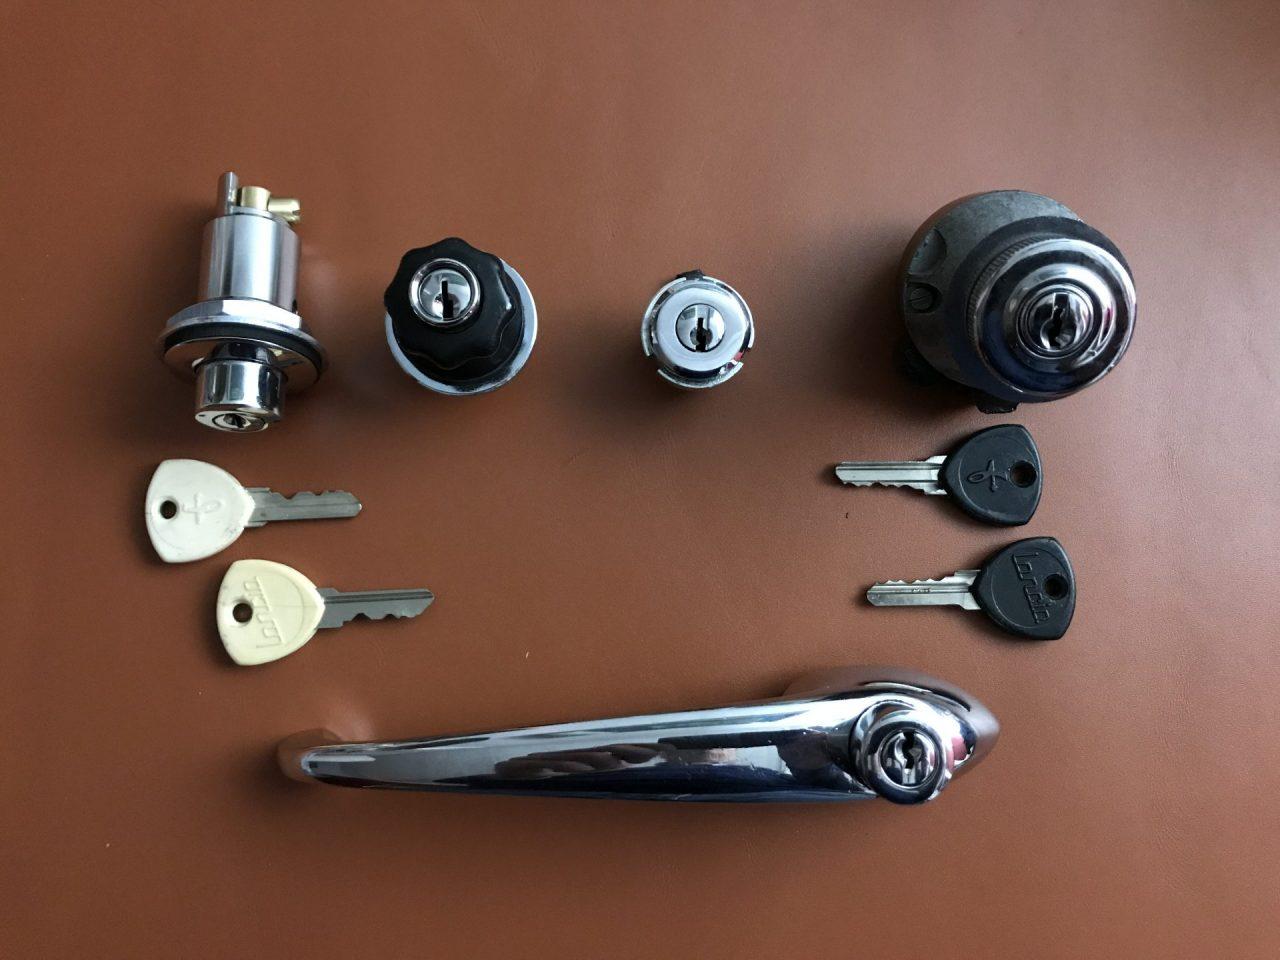 Flaminia Touring Lock Set Image